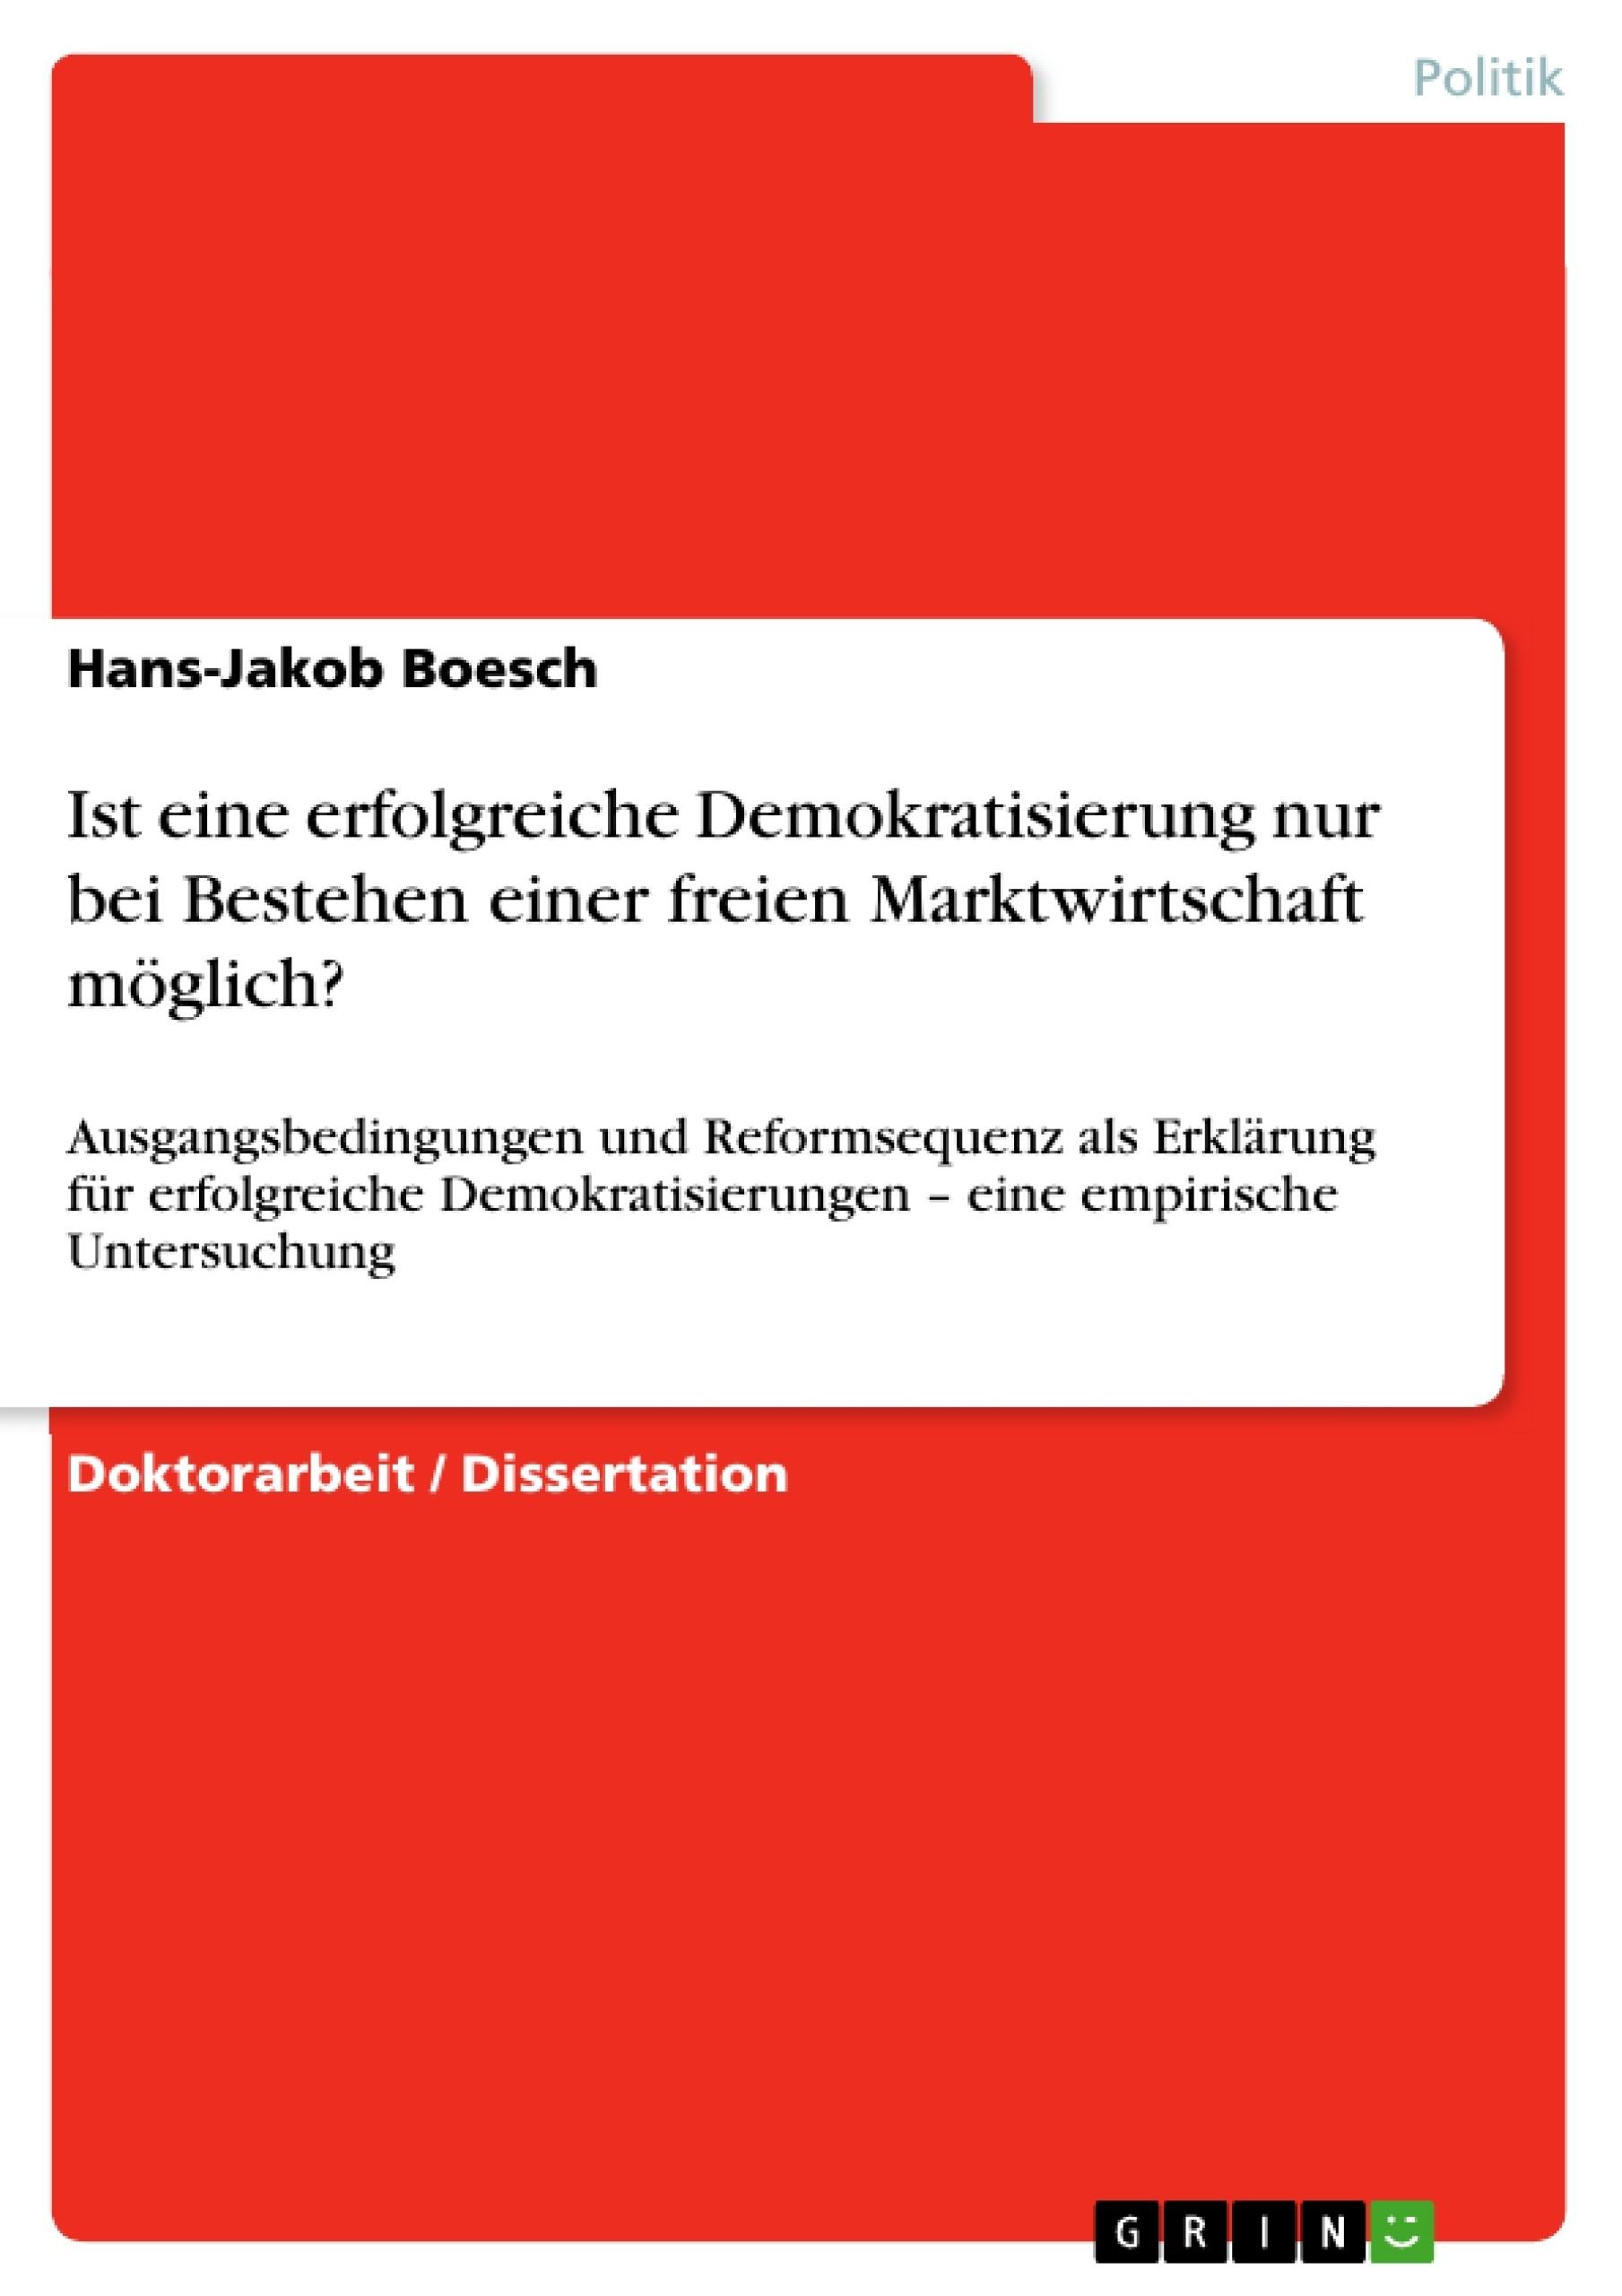 Titel: Ist eine erfolgreiche Demokratisierung nur bei Bestehen einer freien Marktwirtschaft möglich?